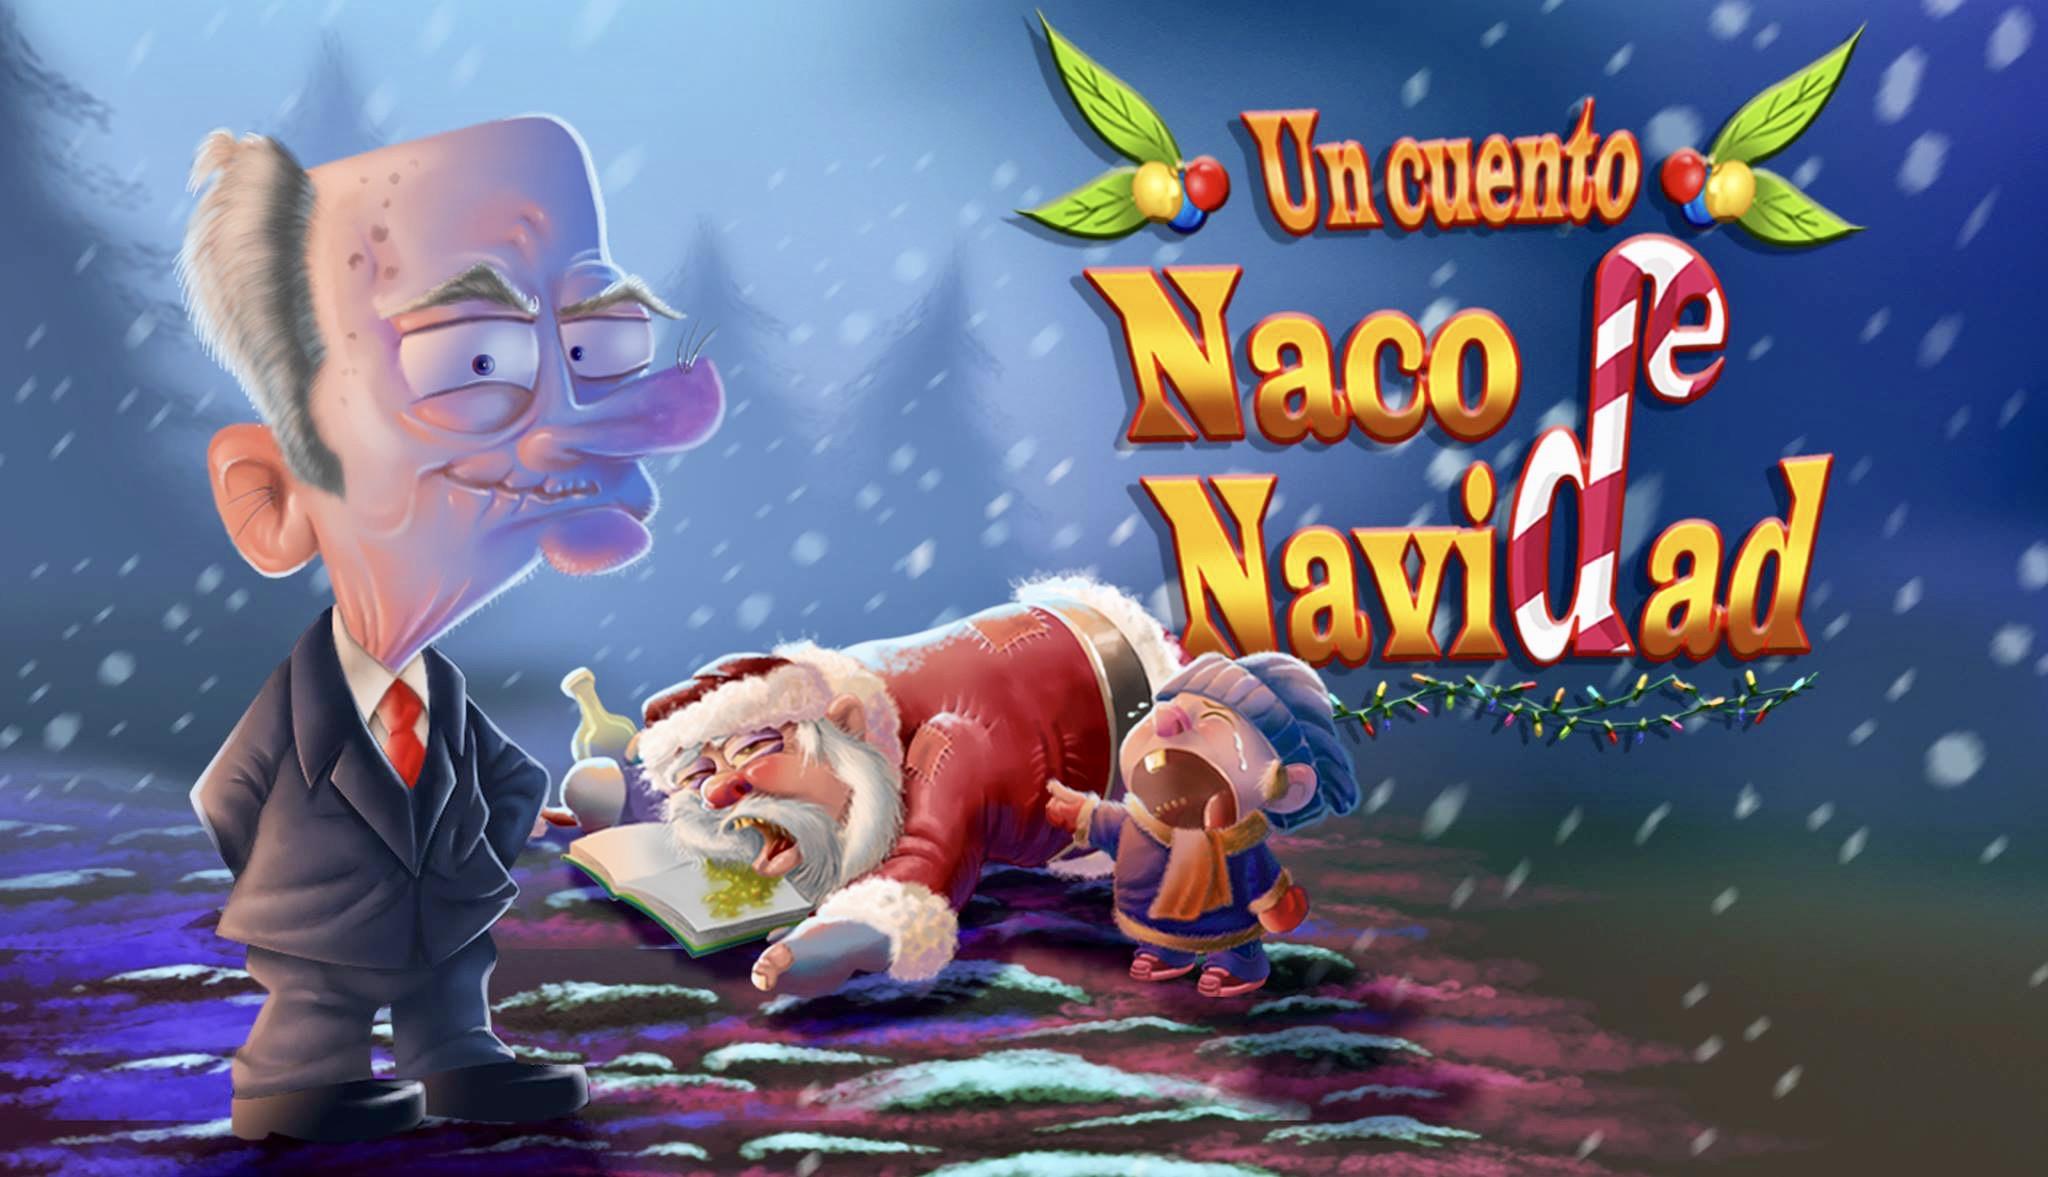 La Familia del Barrio Presents A Naco Christmas Carol